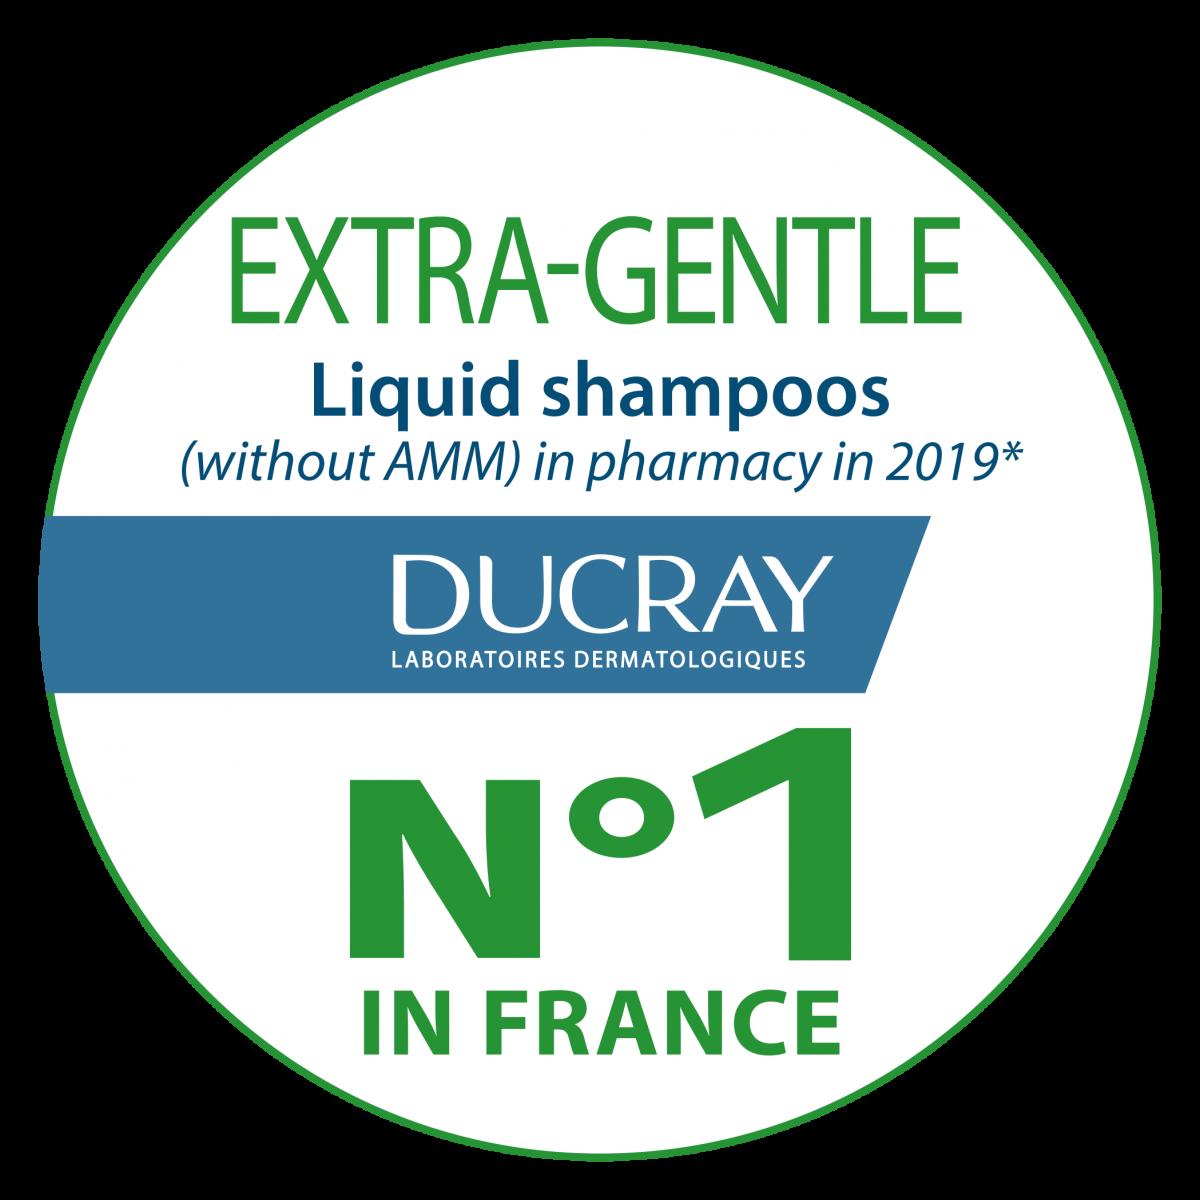 extra-gentle_shampoo_logo_n1_france_a_2020